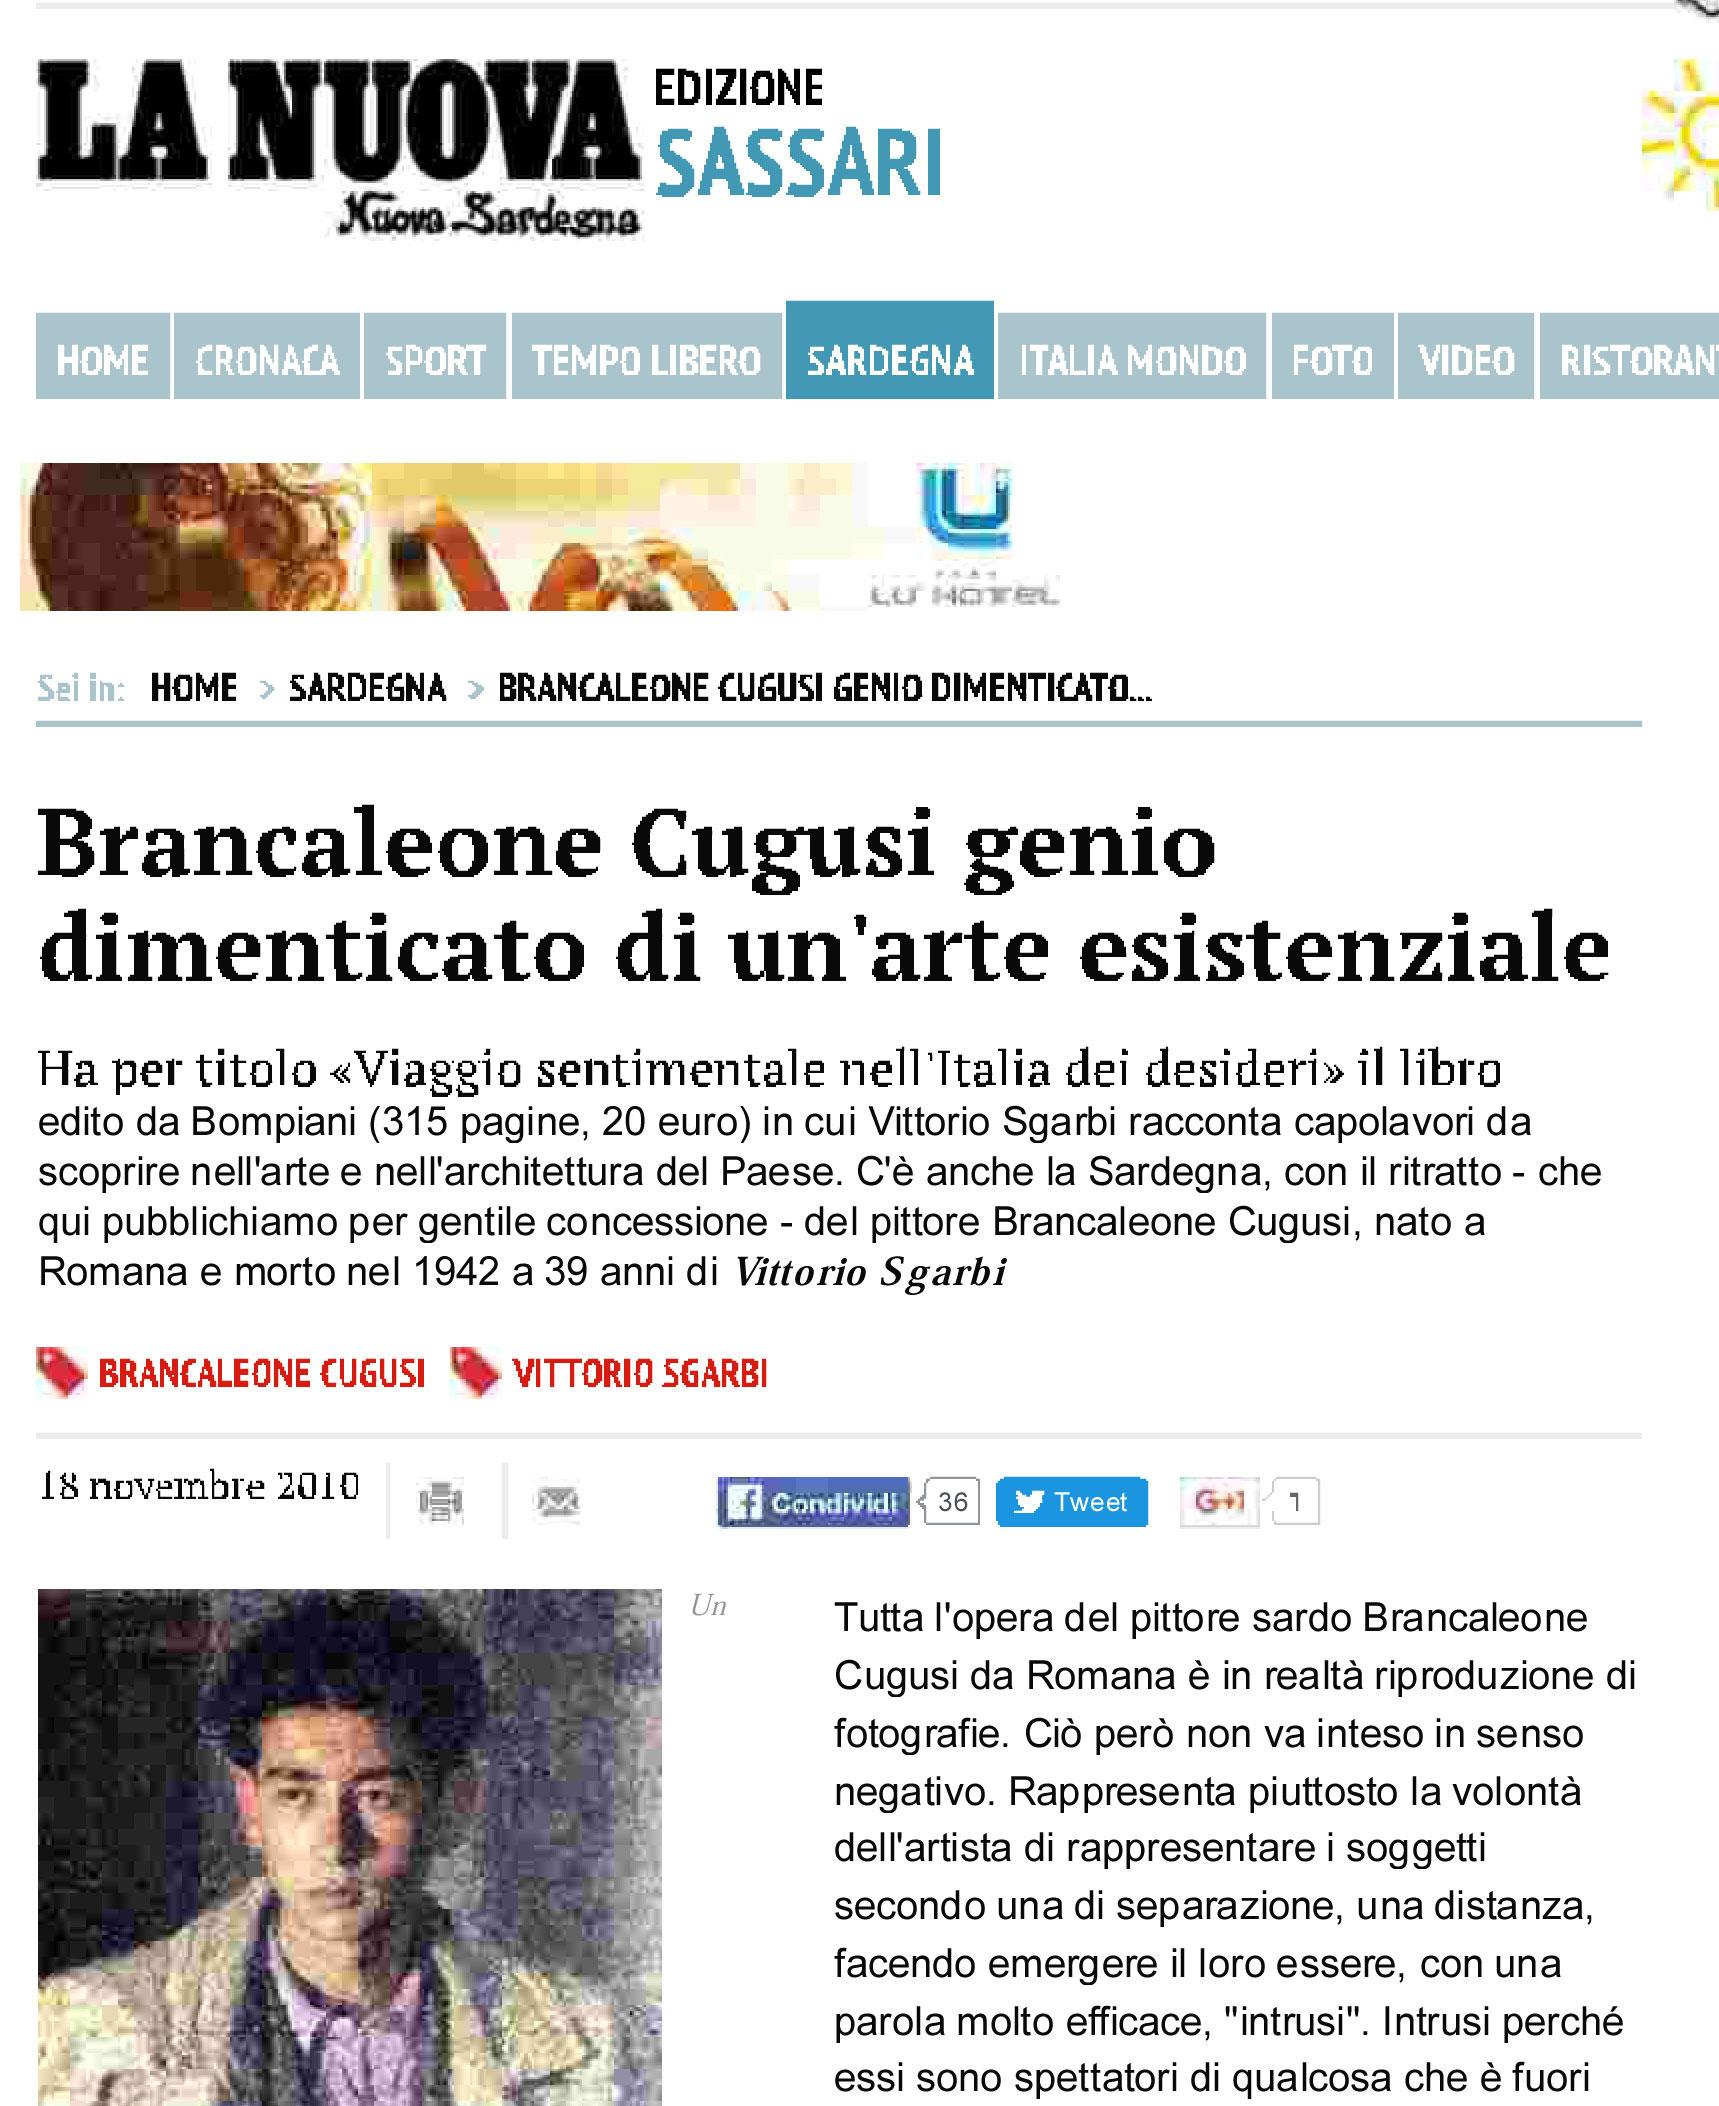 Vittorio Sgarbi enhances the genius of Brancaleone Cugusi da Romana